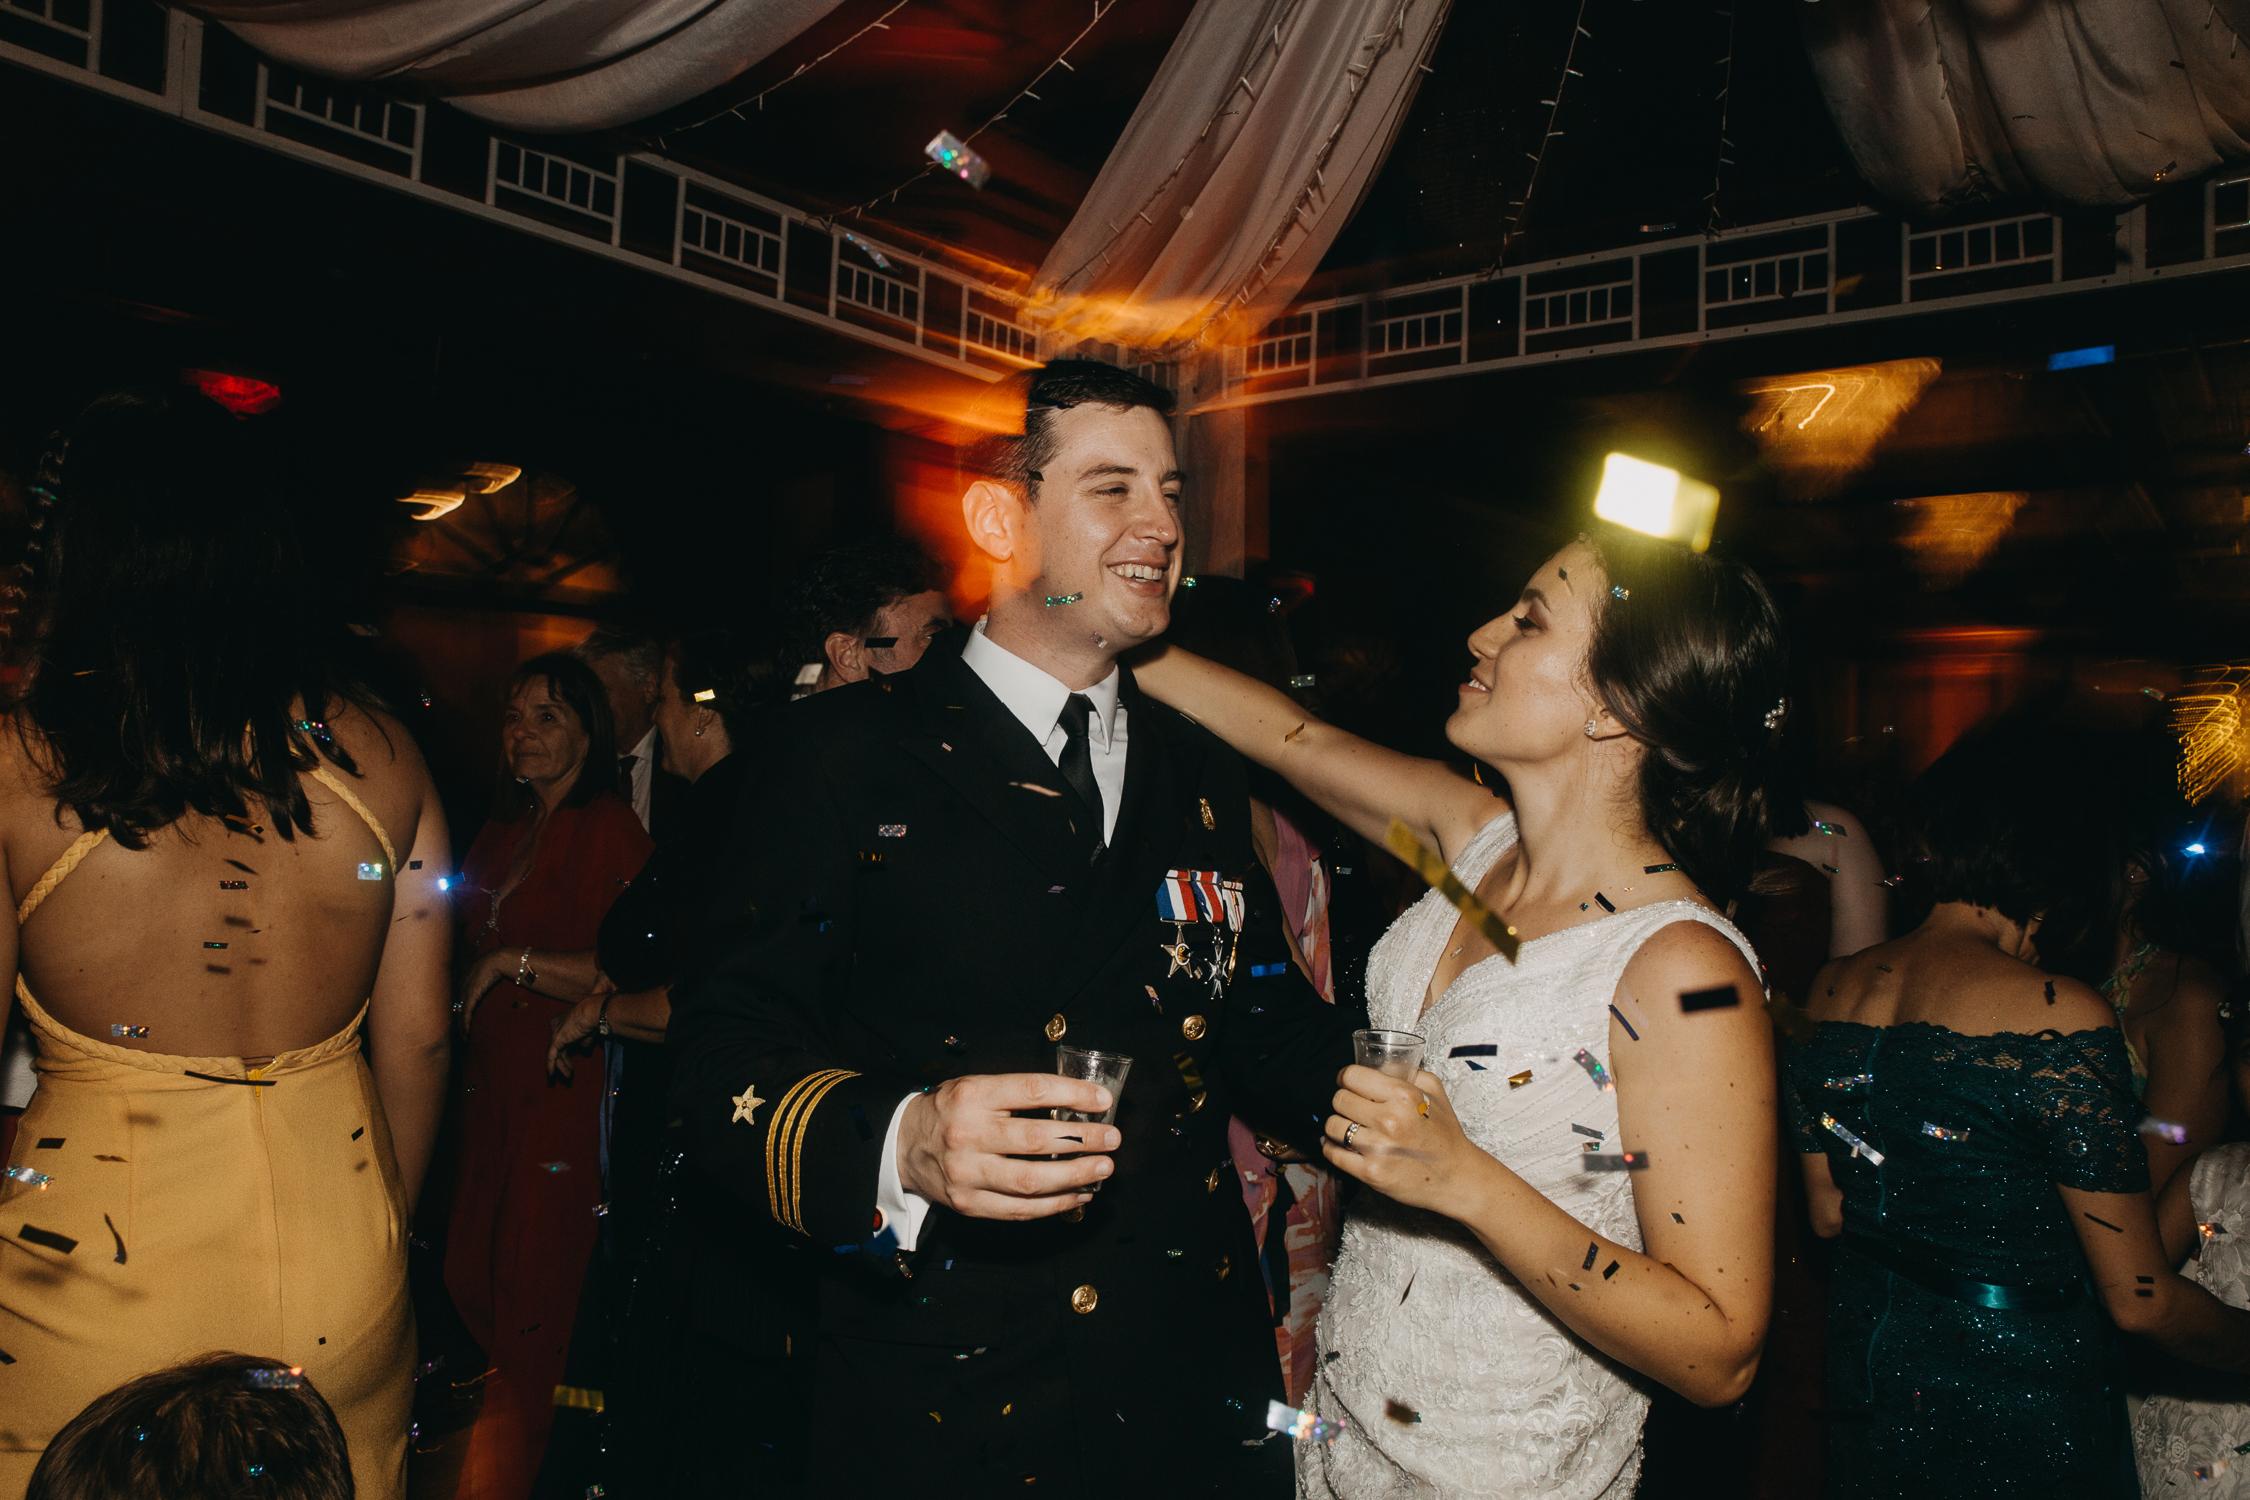 Michelle-Agurto-Fotografia-Bodas-Ecuador-Destination-Wedding-Photographer-Ecuador-Mercedes-Alvaro-301.JPG